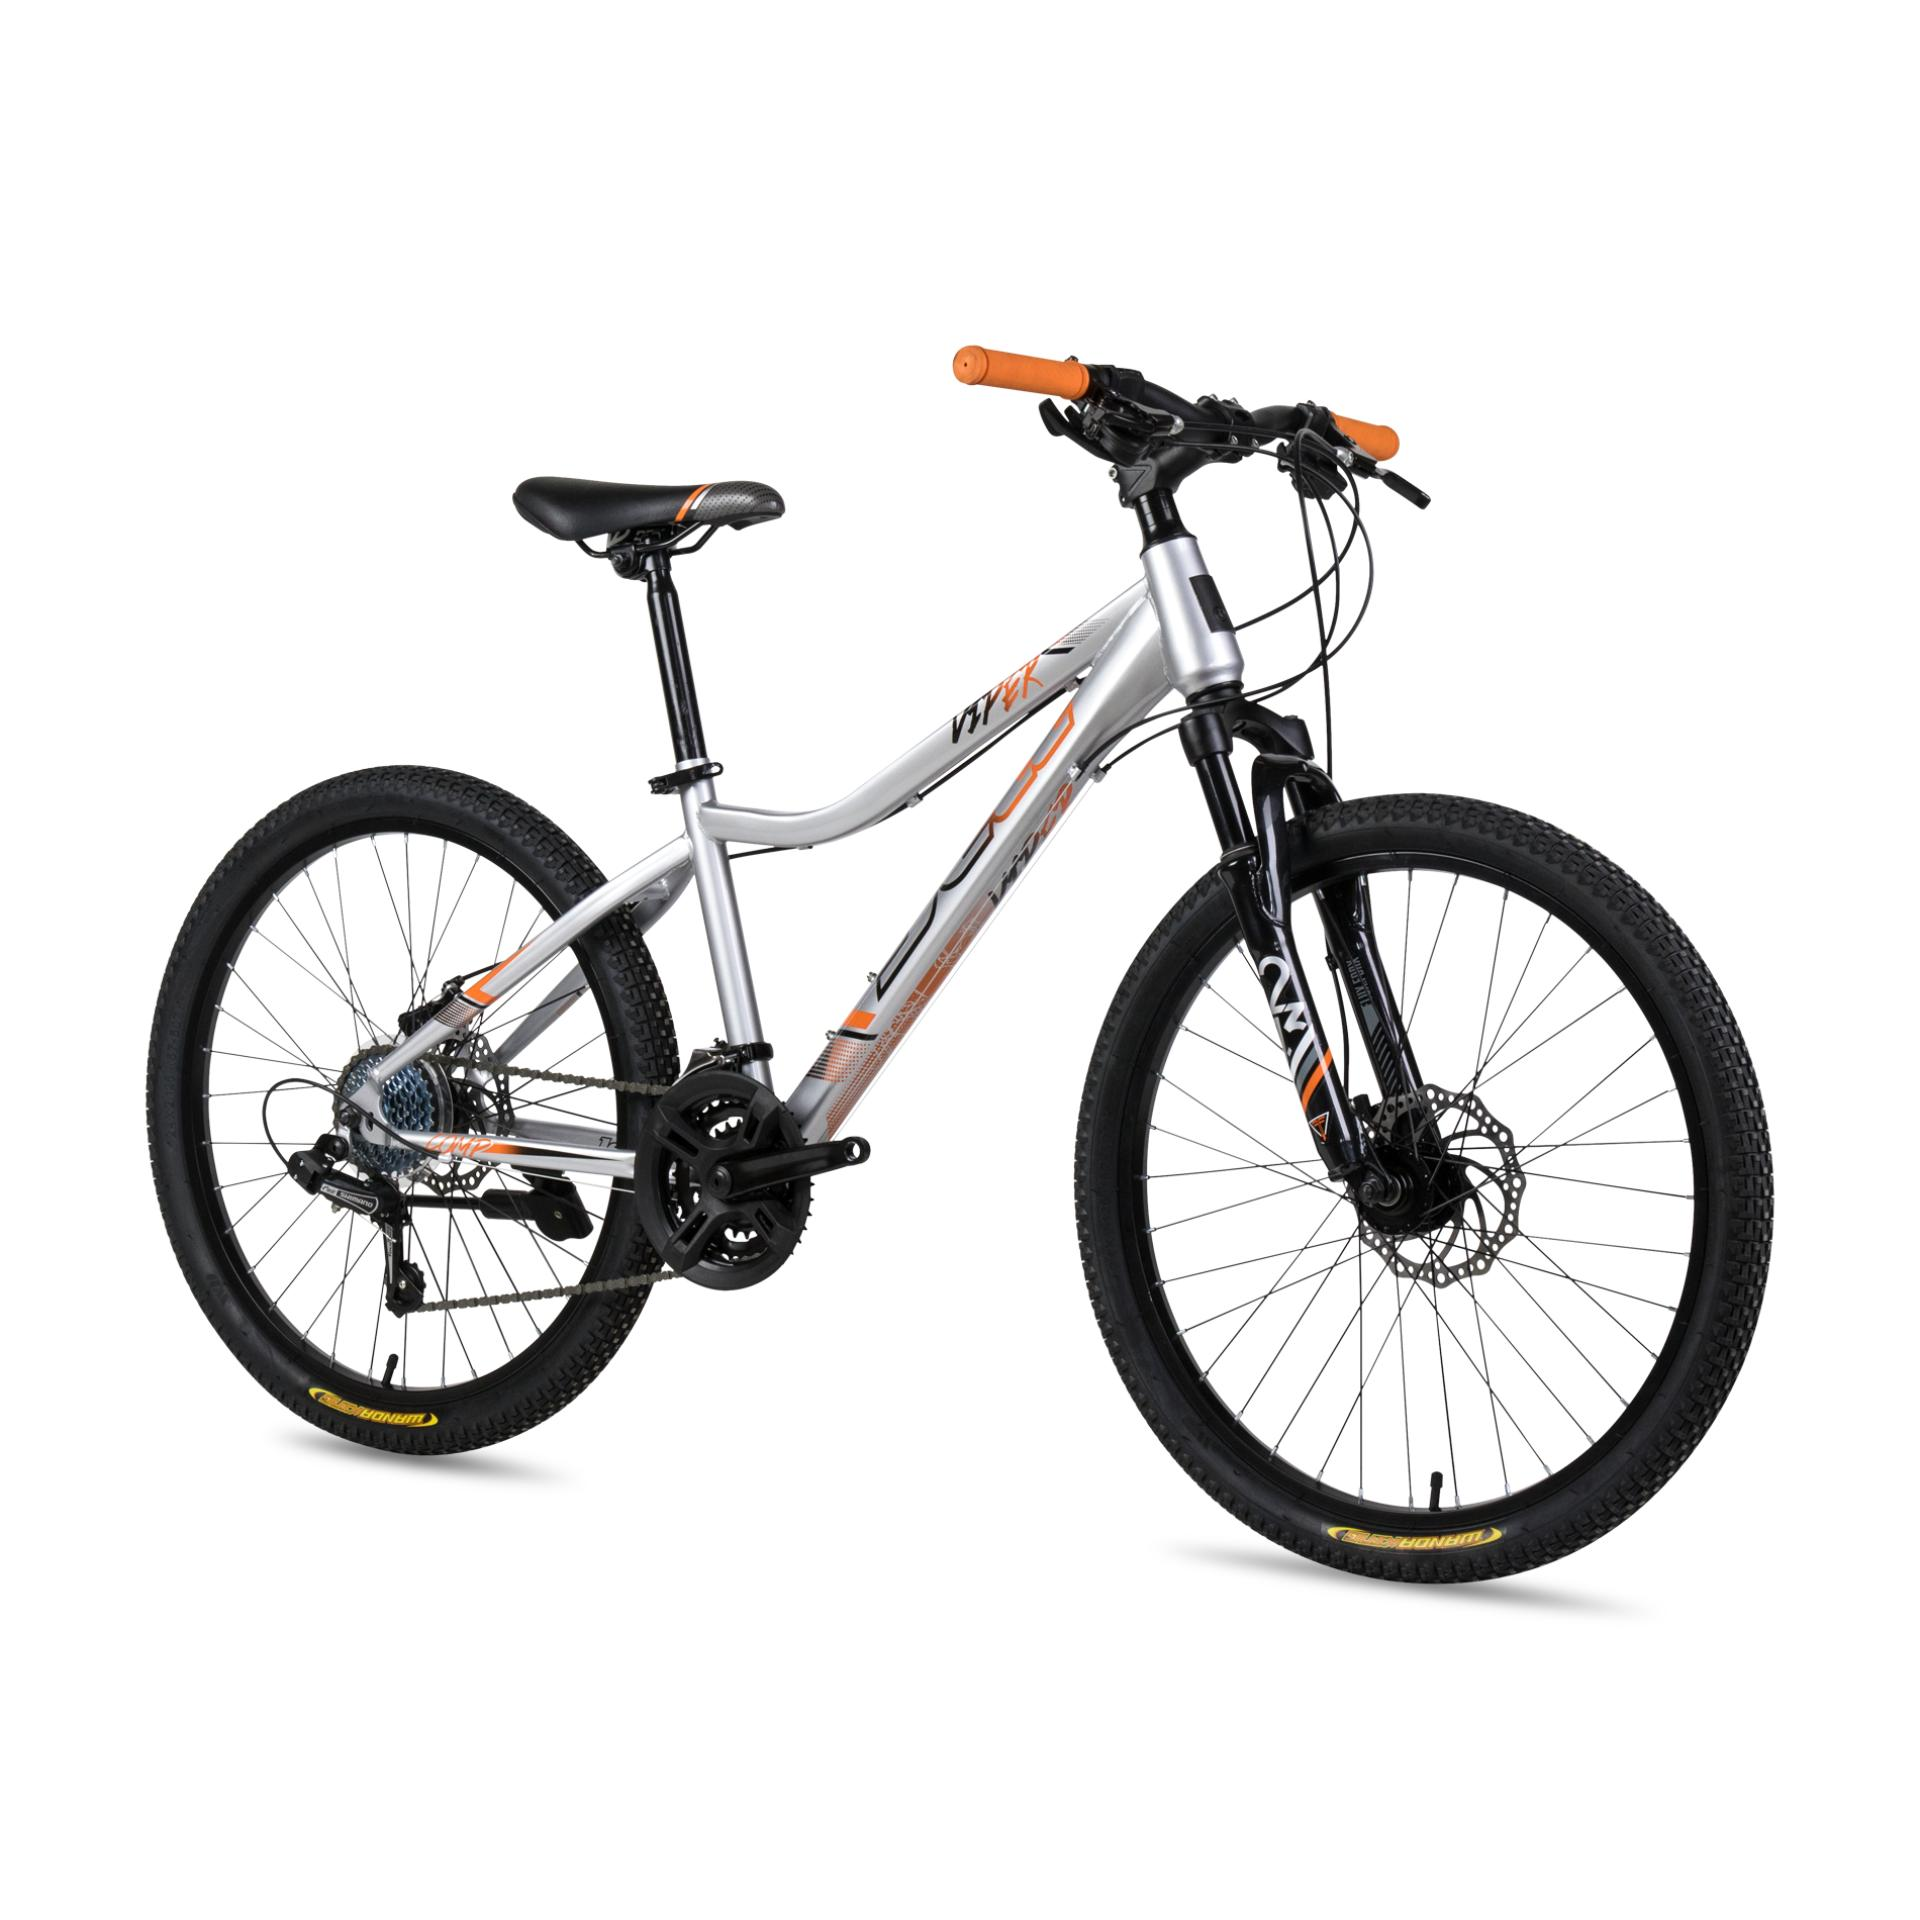 Xe đạp địa hình Jett Viper Comp 2017 (Bạc)